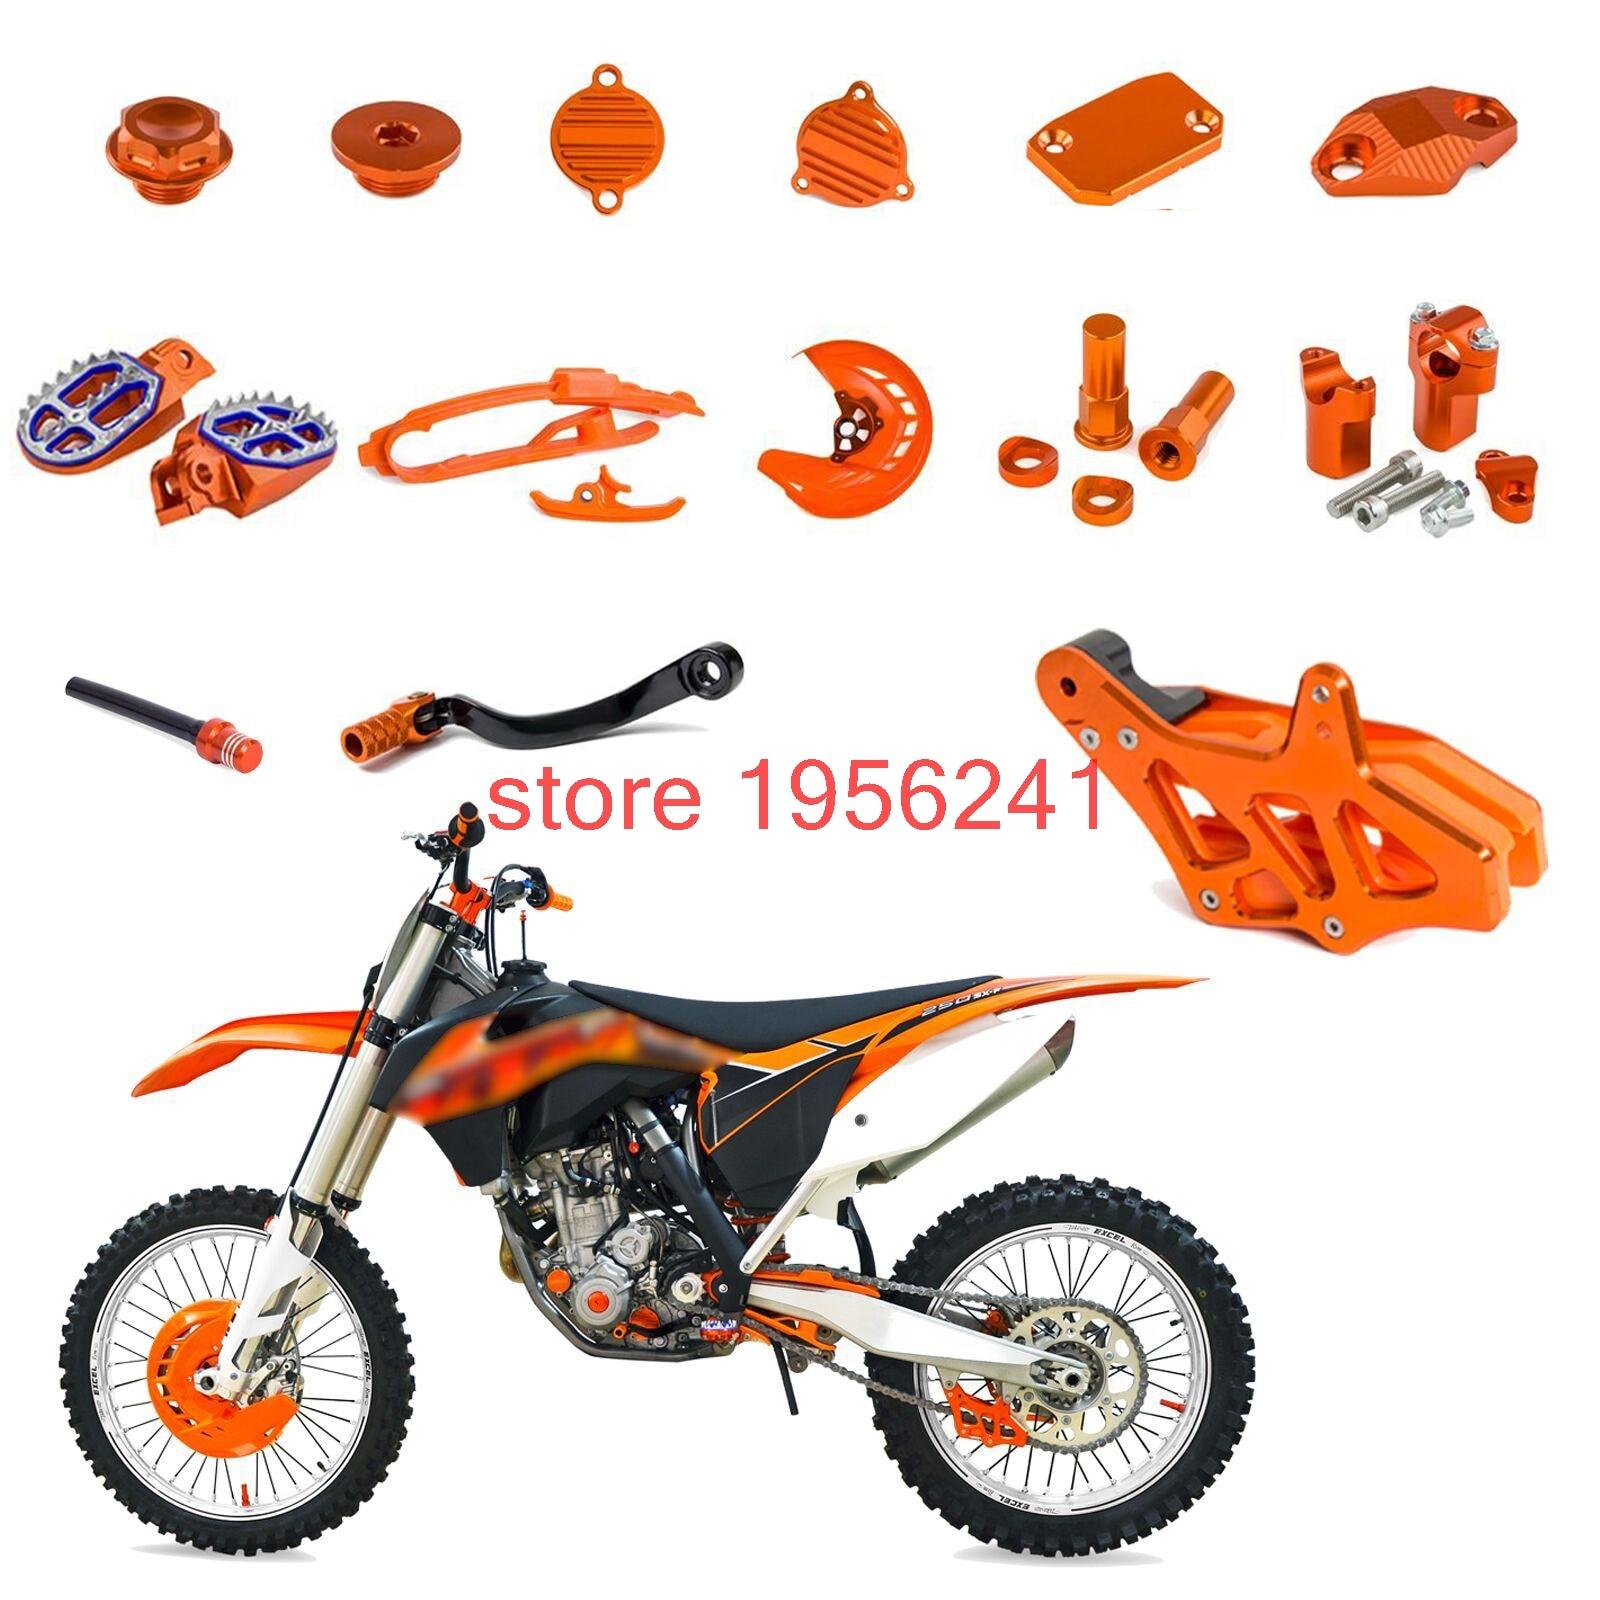 NICECNC Palanca de cambio y abrazadera de manguera de freno y tapa de - Accesorios y repuestos para motocicletas